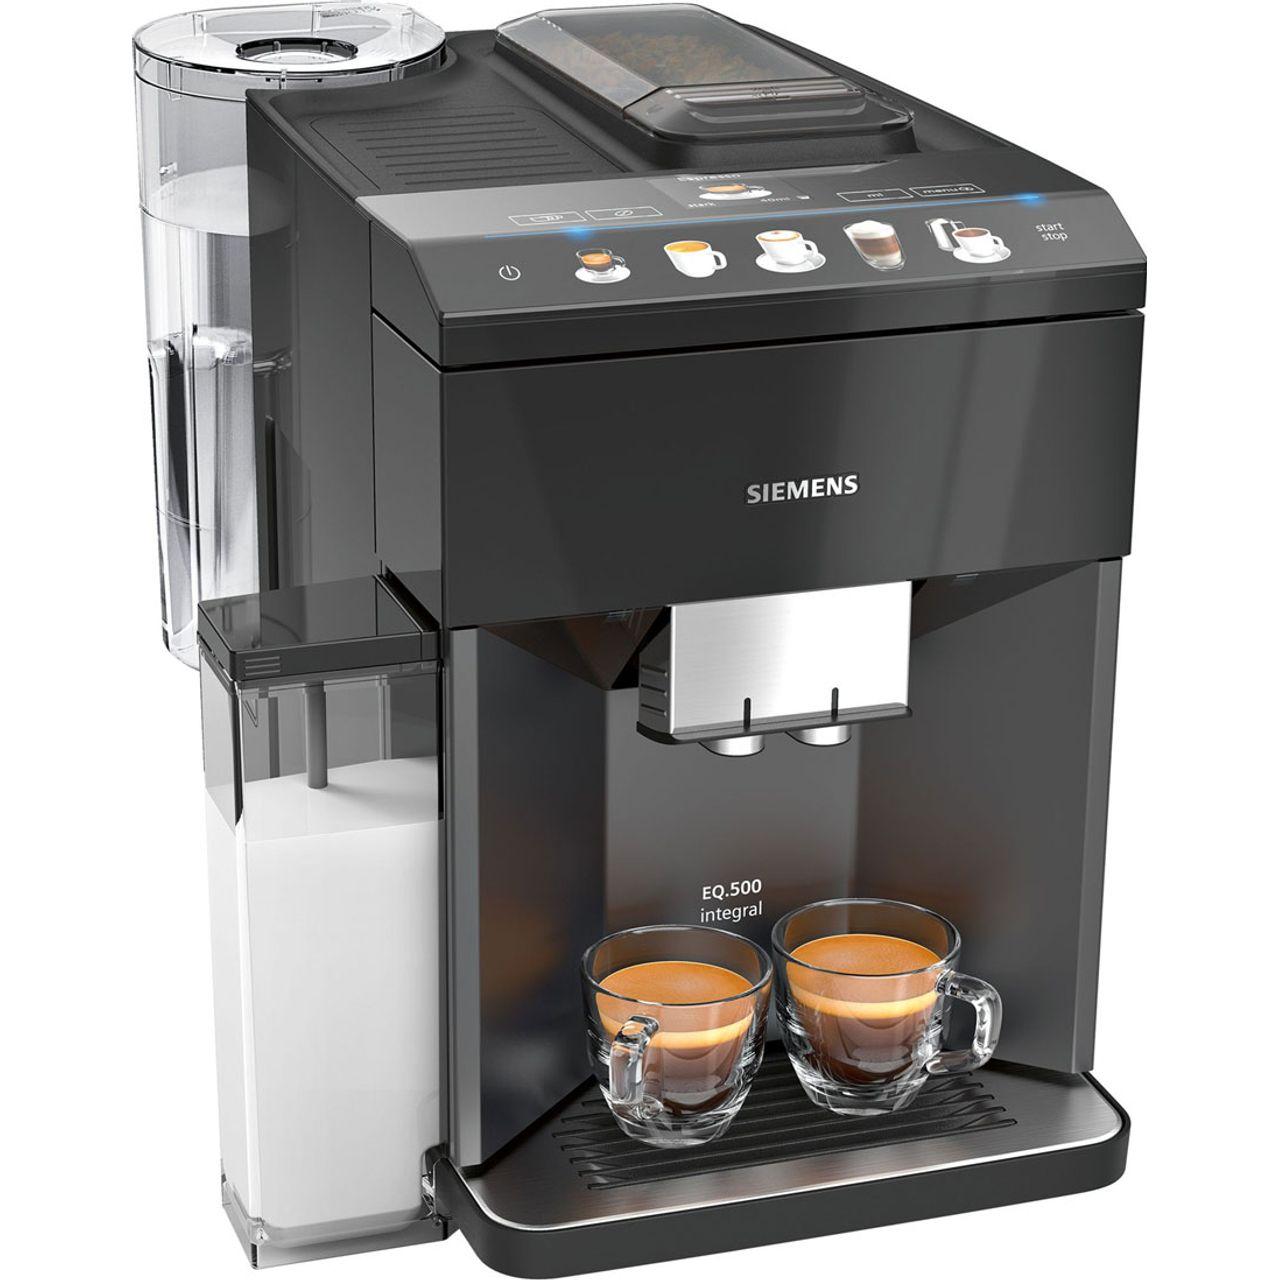 Siemens Kühlschrank Lock Ausschalten : Siemens kaffeevollautomat preisvergleich u2022 die besten angebote